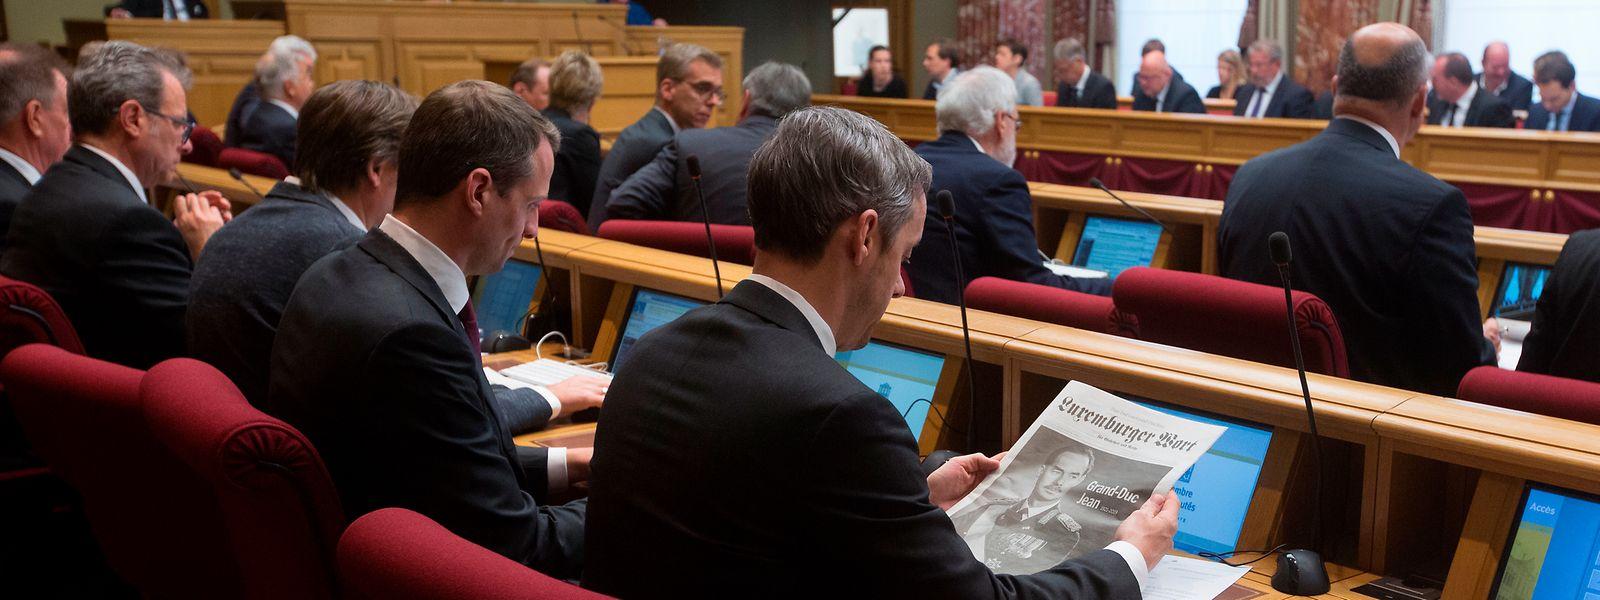 Am Mittwochmorgen begann in der Chamber der Debattenmarathon zum Staatshaushalt 2019, zum mehrjährigen Haushalt, zum Stabilitäts- und Wachstumspakt und zum nationalen Reformprogramm.